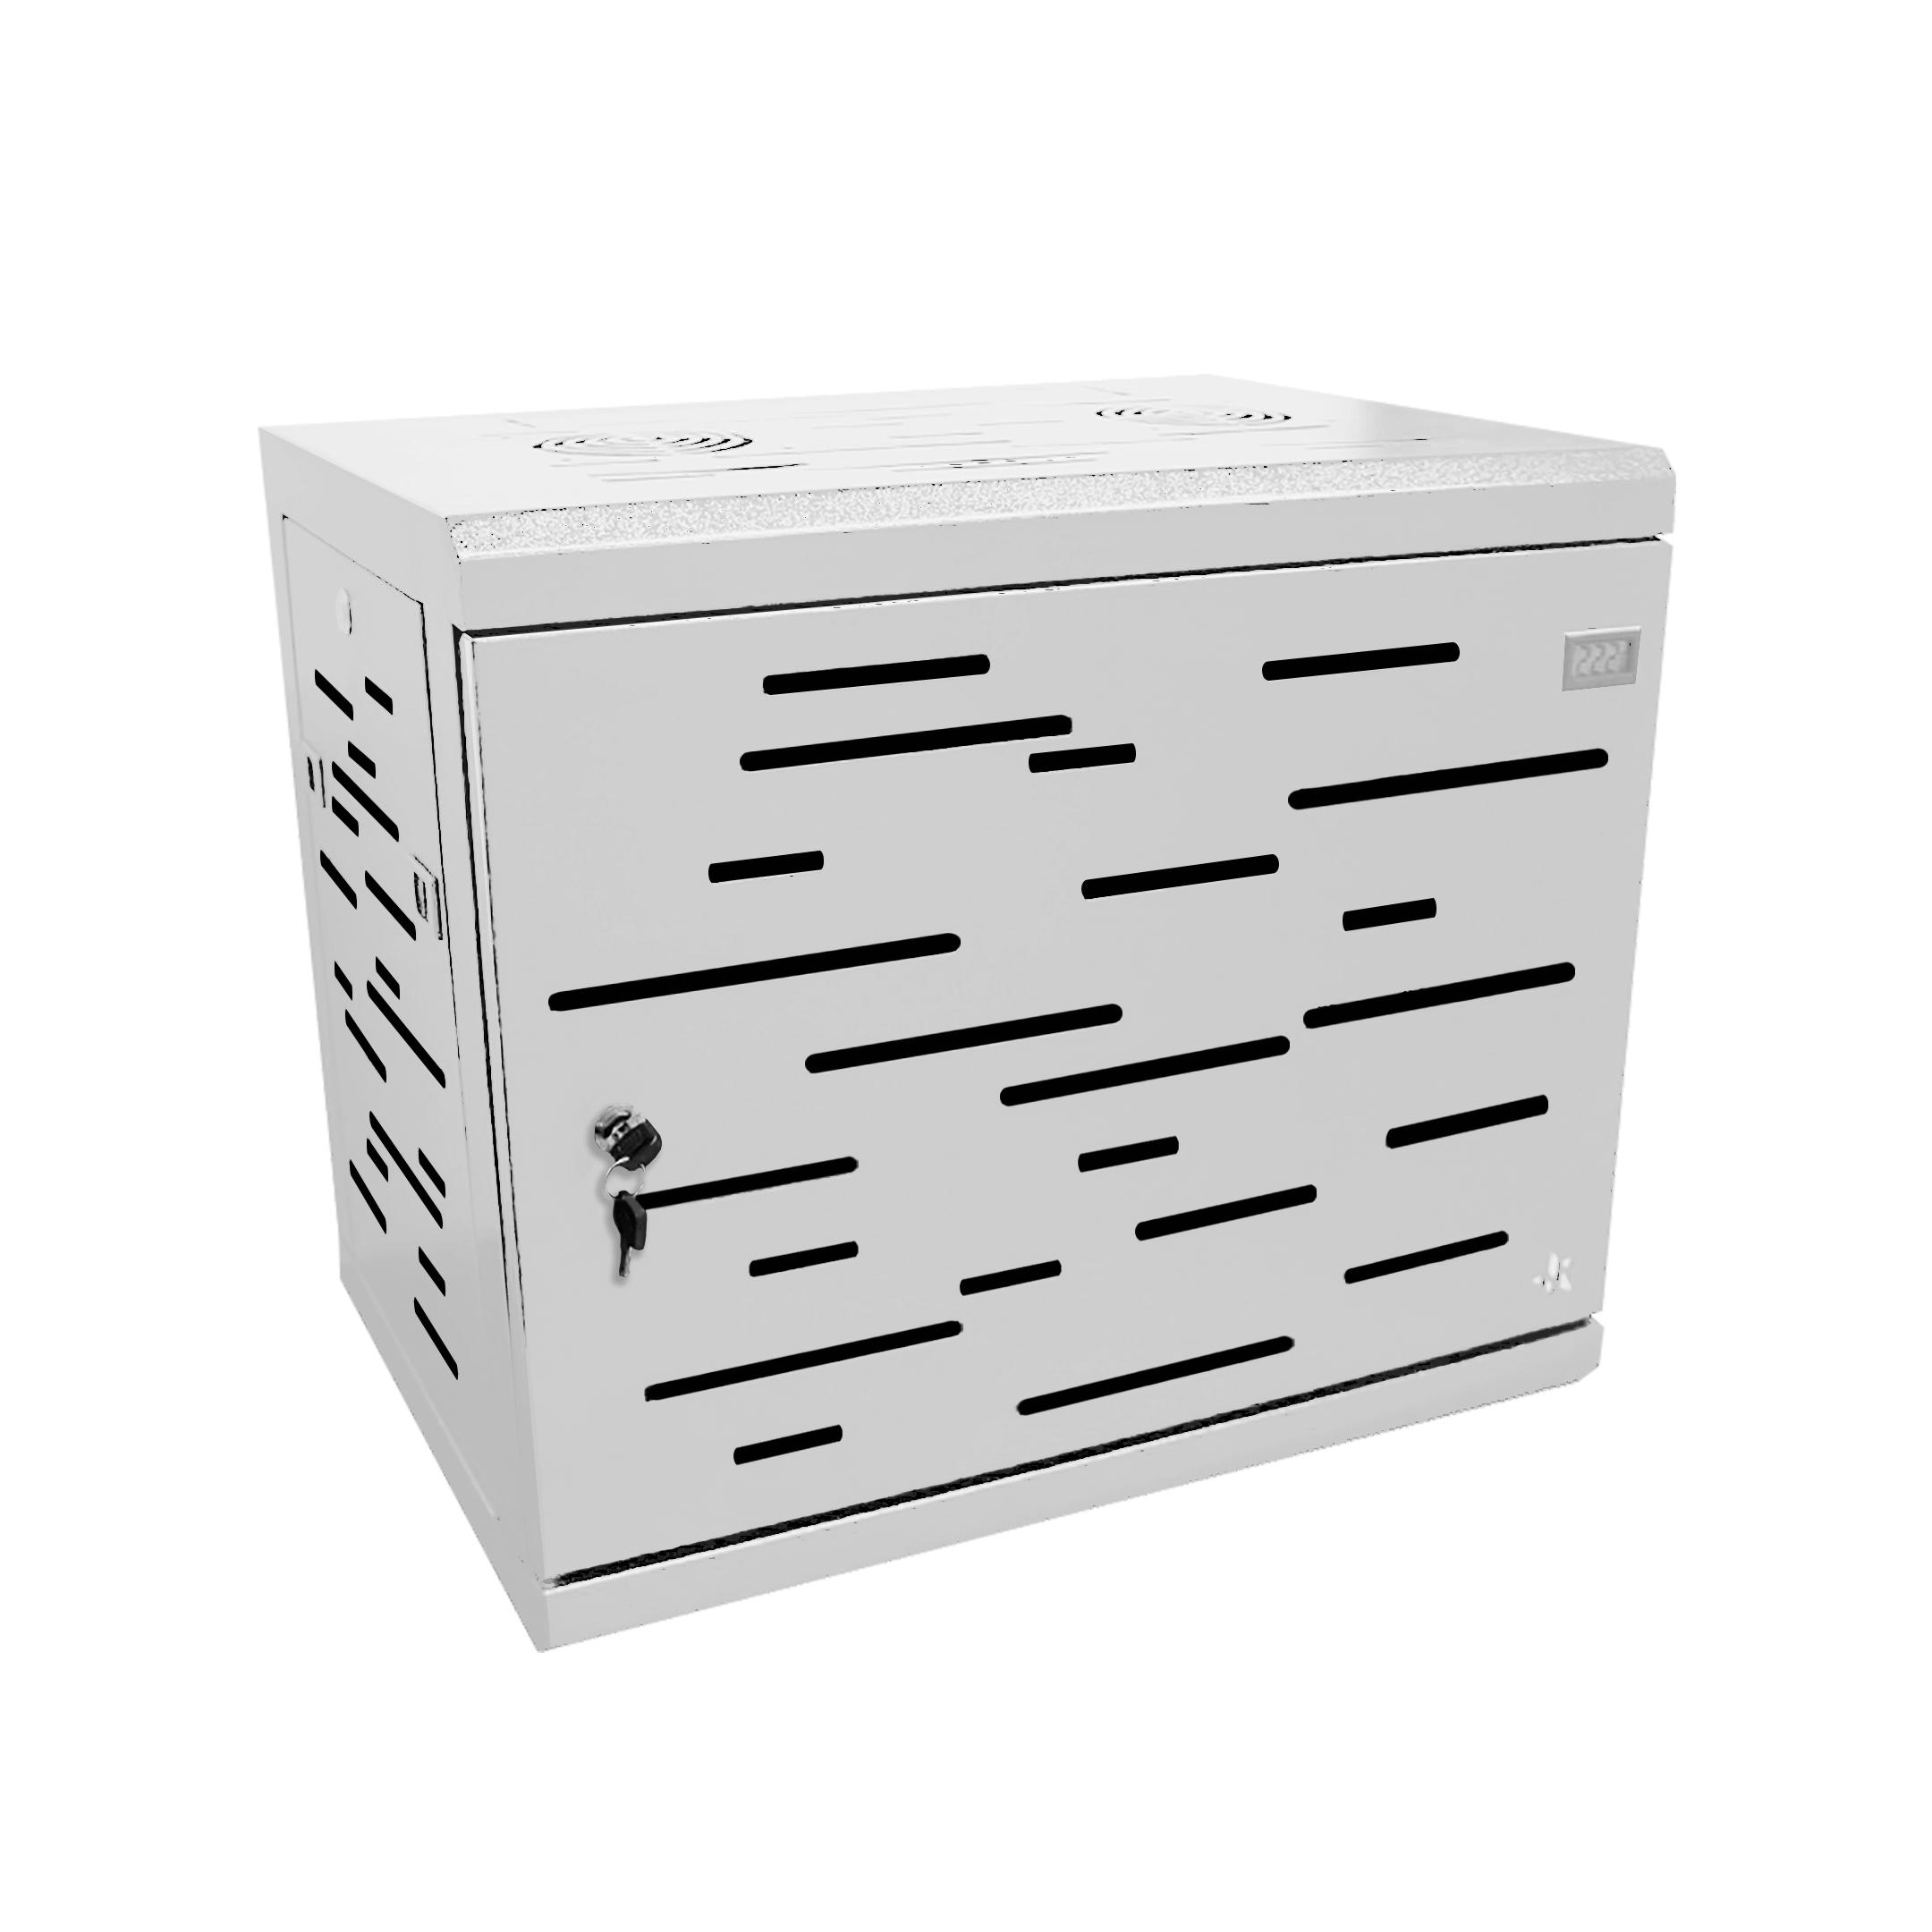 Rack gabinete de pared blanco cerrado Metalnet de 9 U